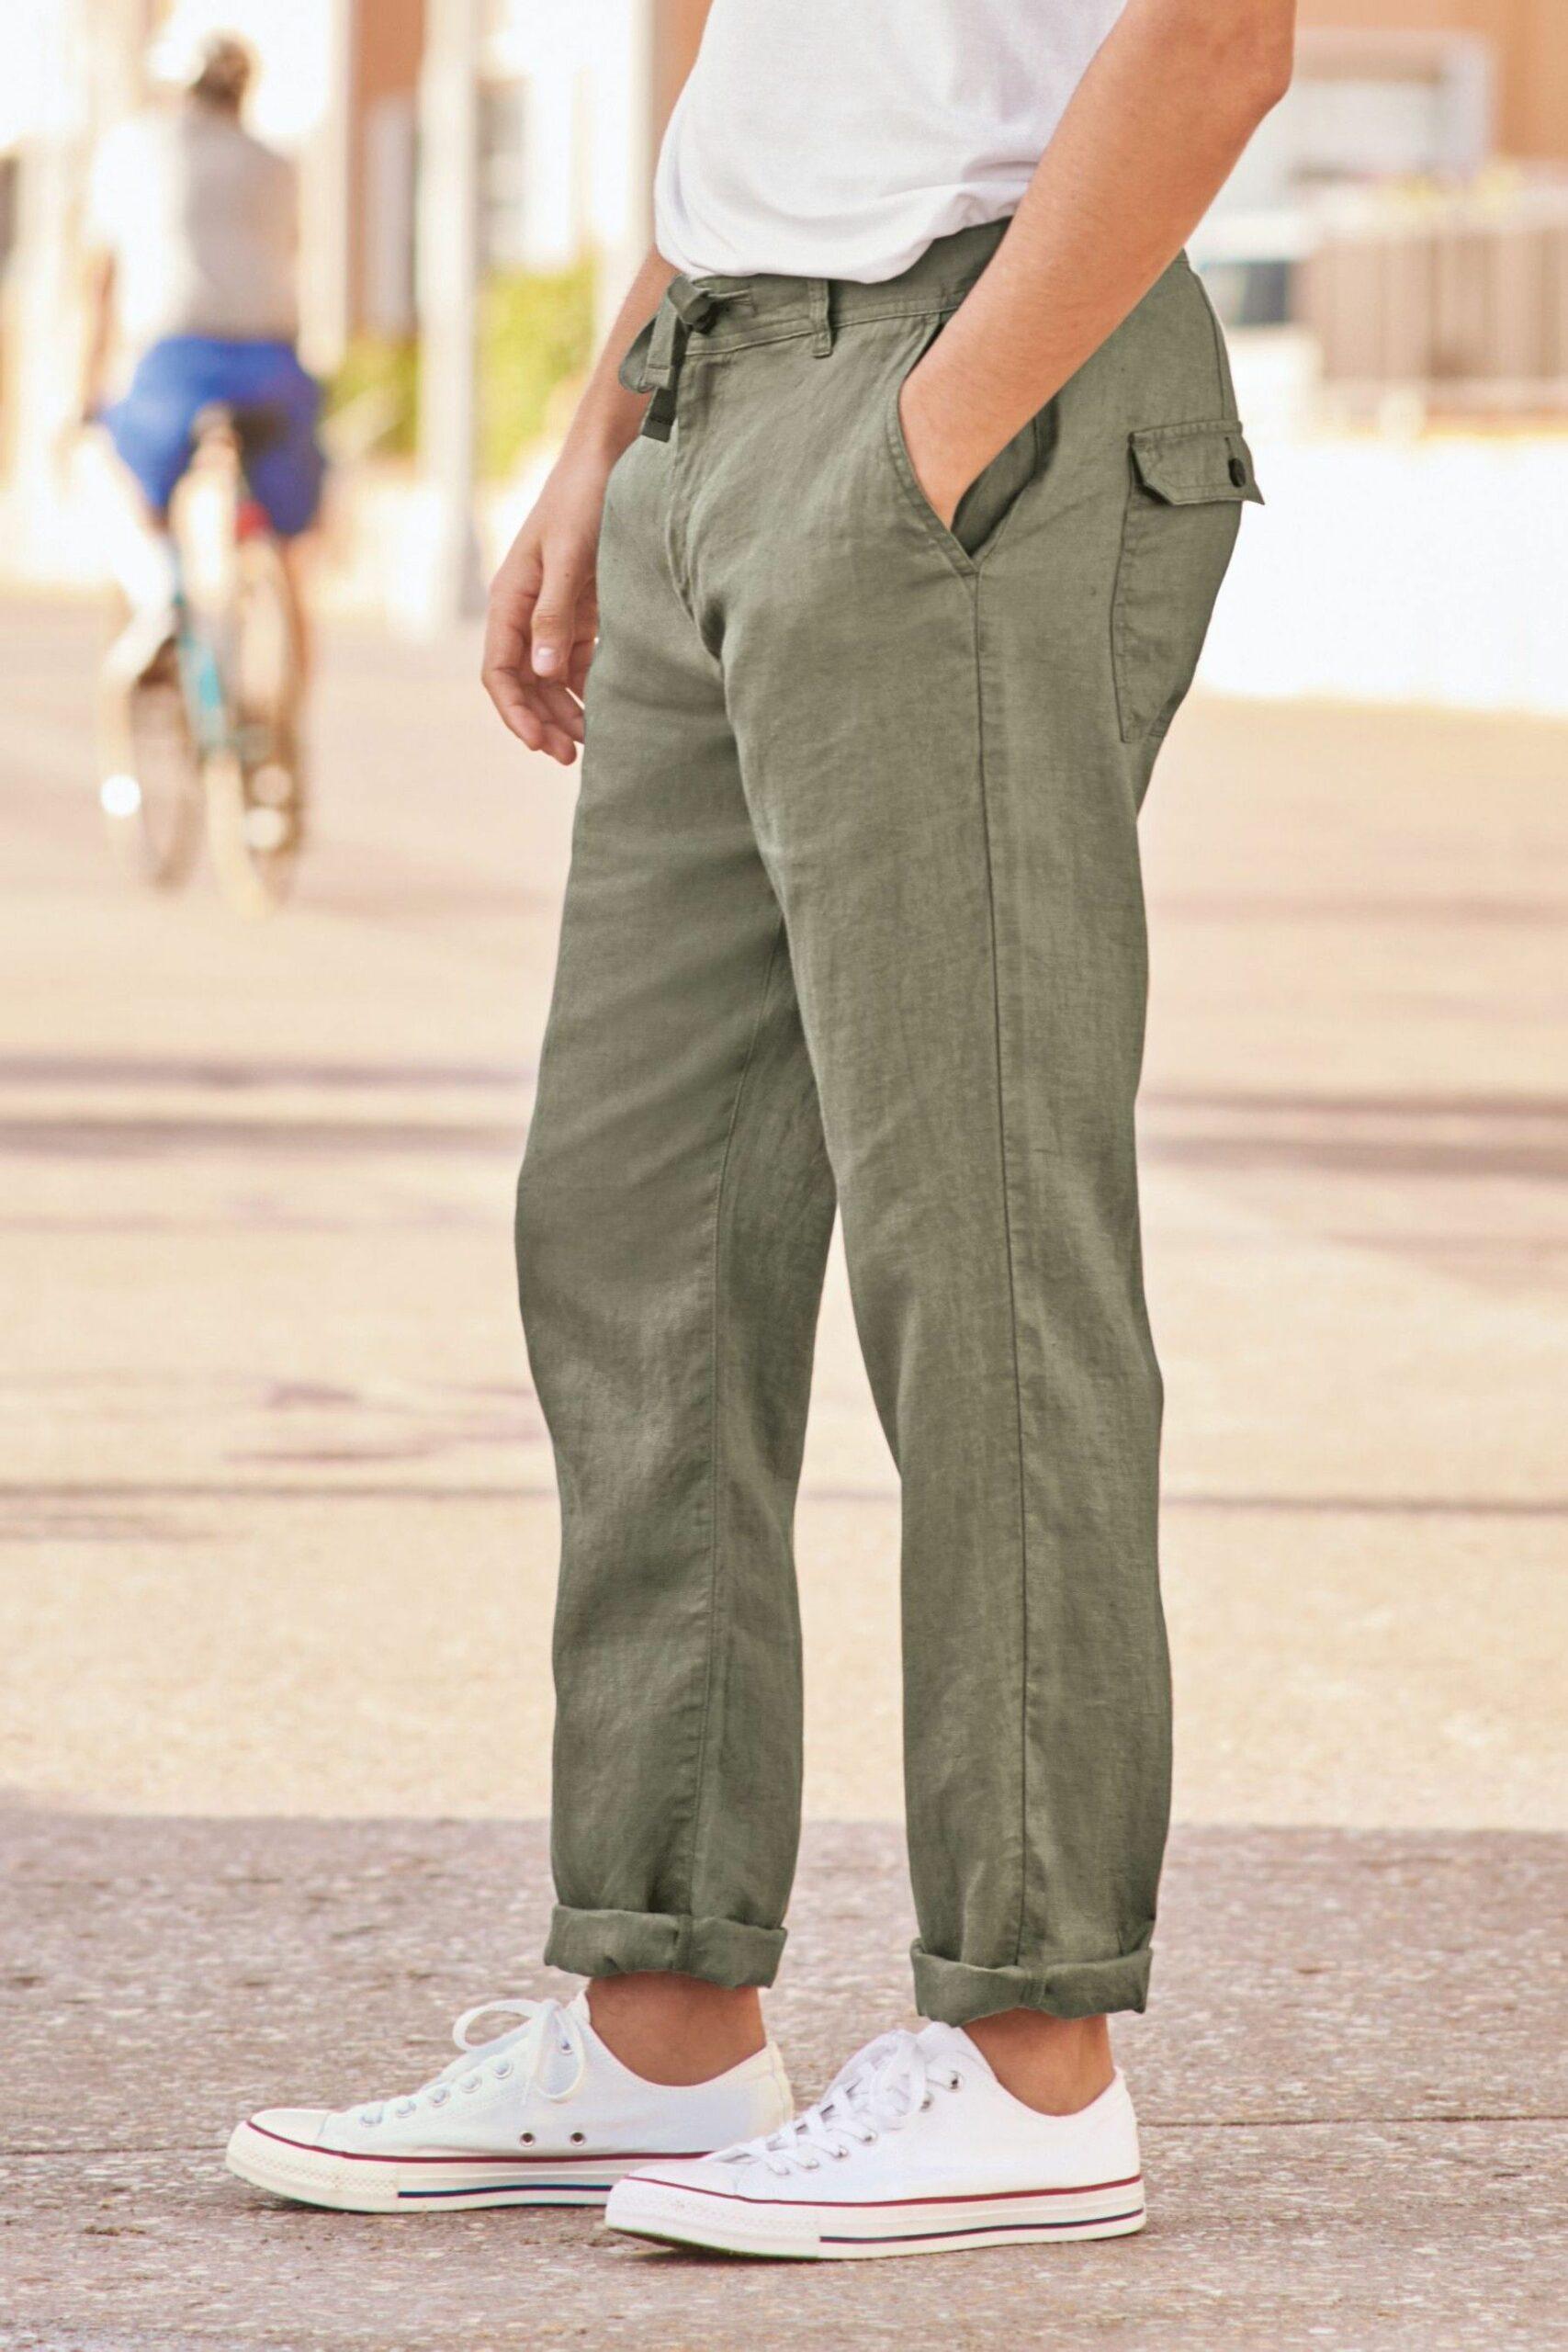 Les fesses sont marquées et la coupe suit la jambe de manière équilibrée : jamais le tissu n'est plaqué excessivement sur le corps.